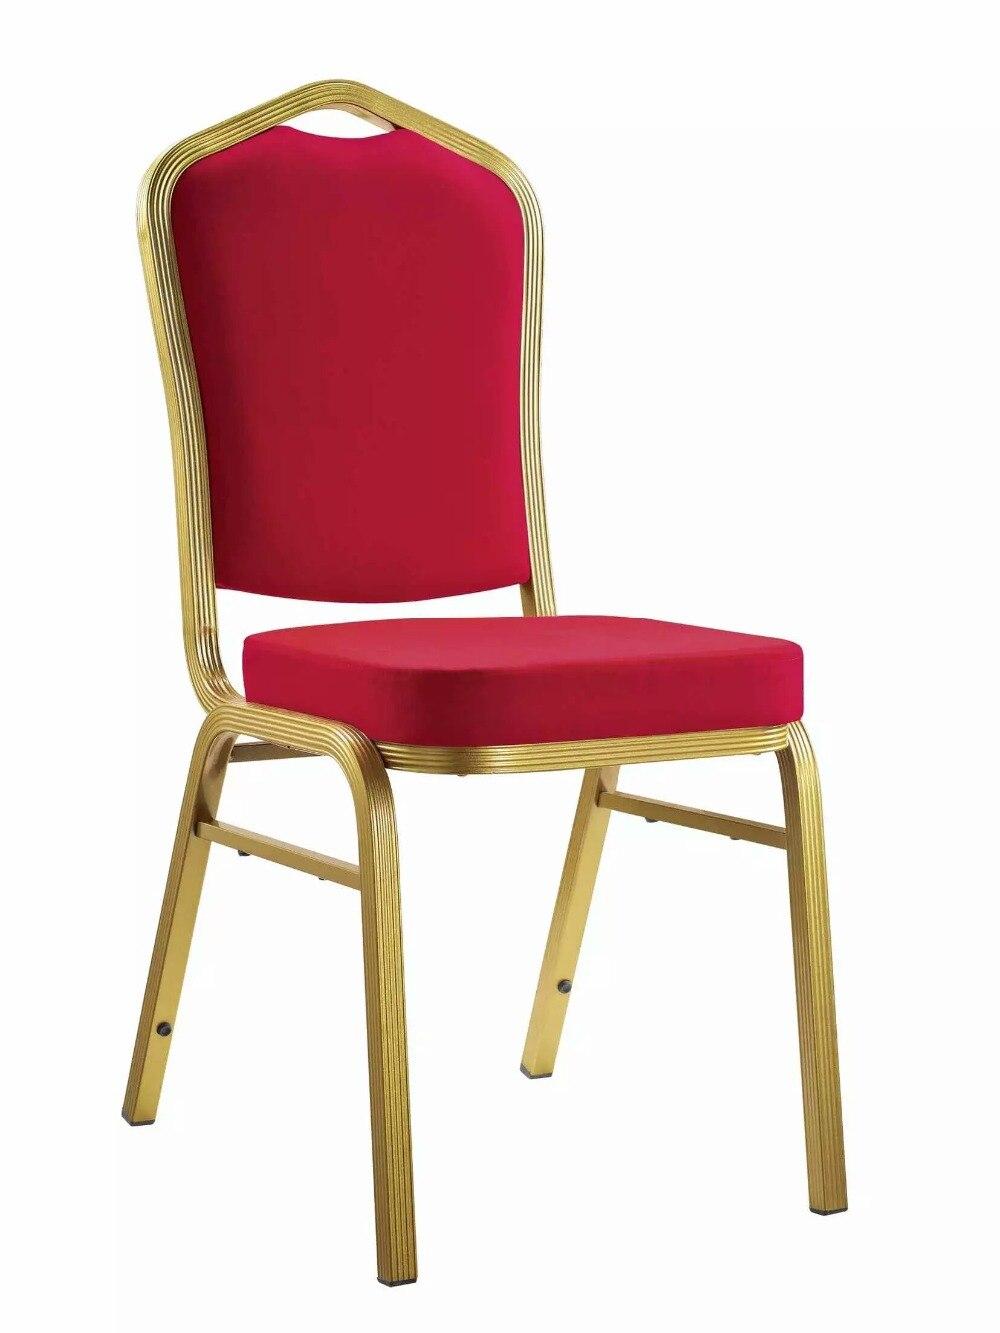 كرسي مأدبة مقاعد قابلة للصف كراسي للمطاعم المعدنية 5 قطعة